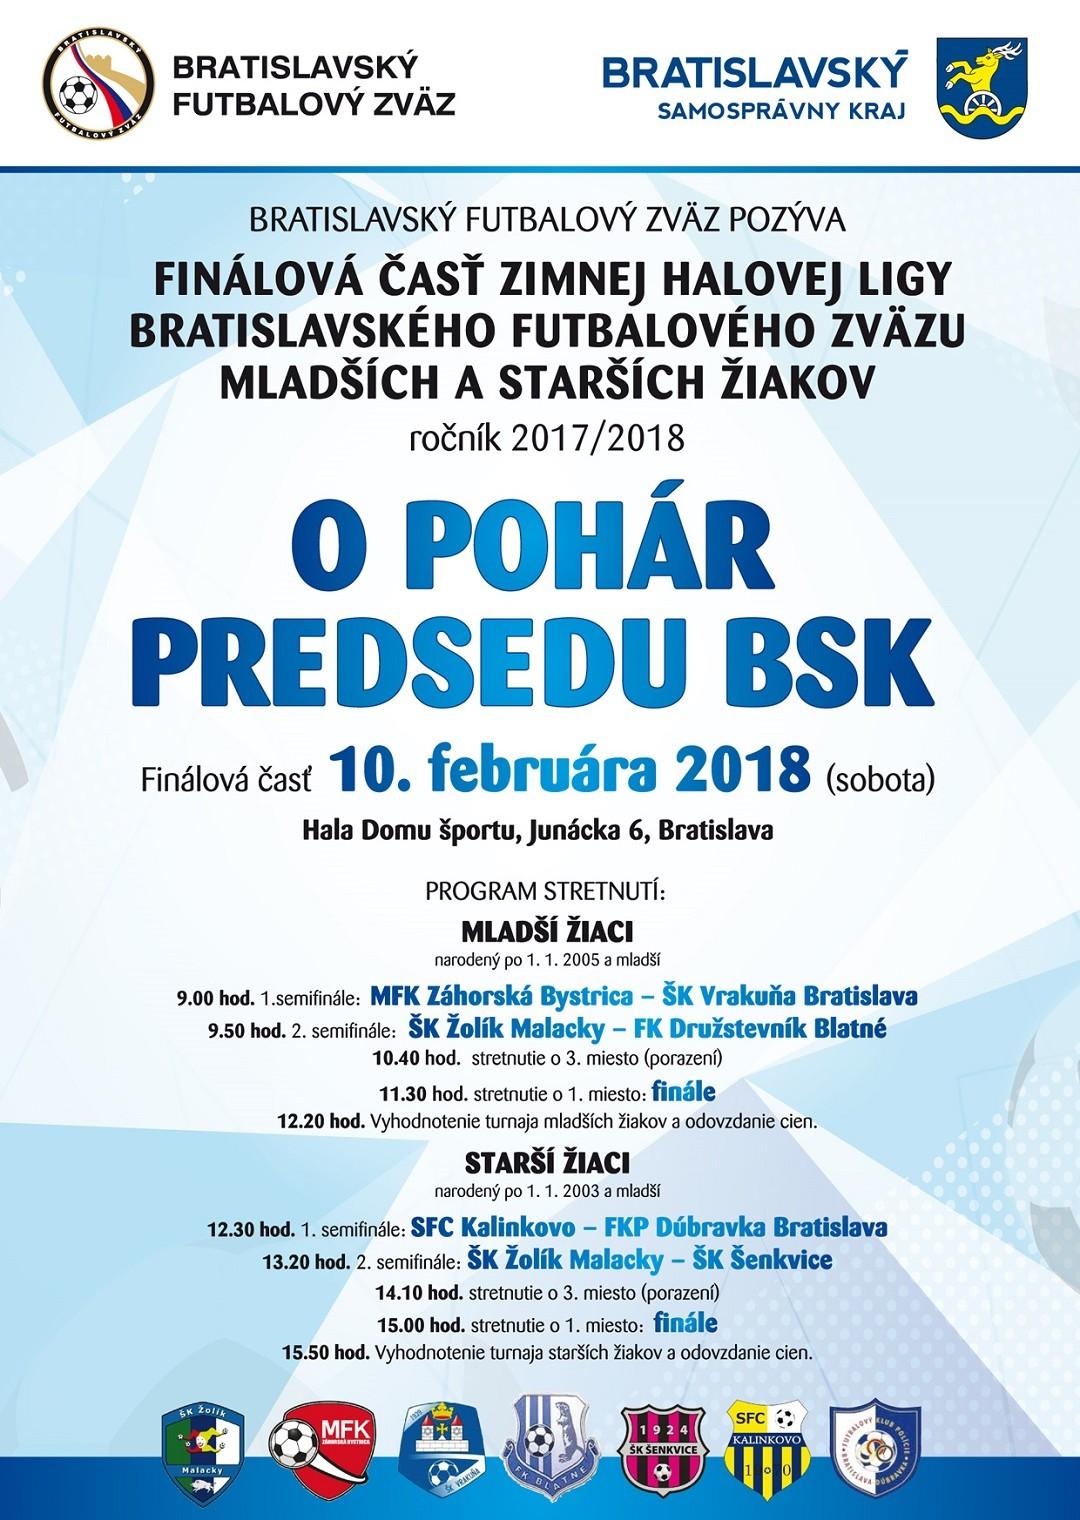 MFK Záhorská Bystrica a SFC Kalinkovo sa stali víťazmi Zimnej halovej ligy BFZ žiakov 2017/2018